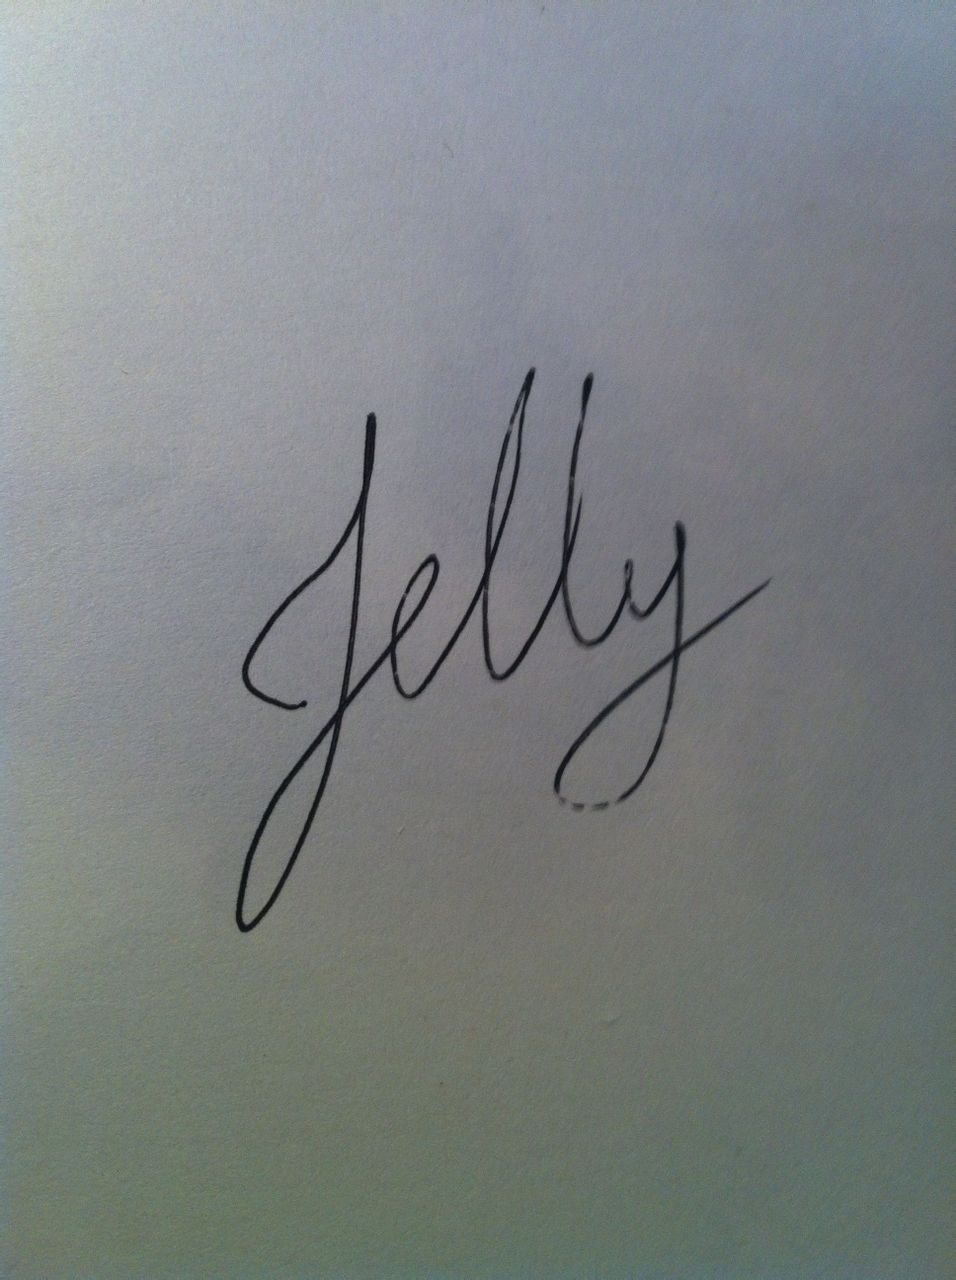 灵 月夜 英文手写花体字哟 书写亲们最亮的英文名